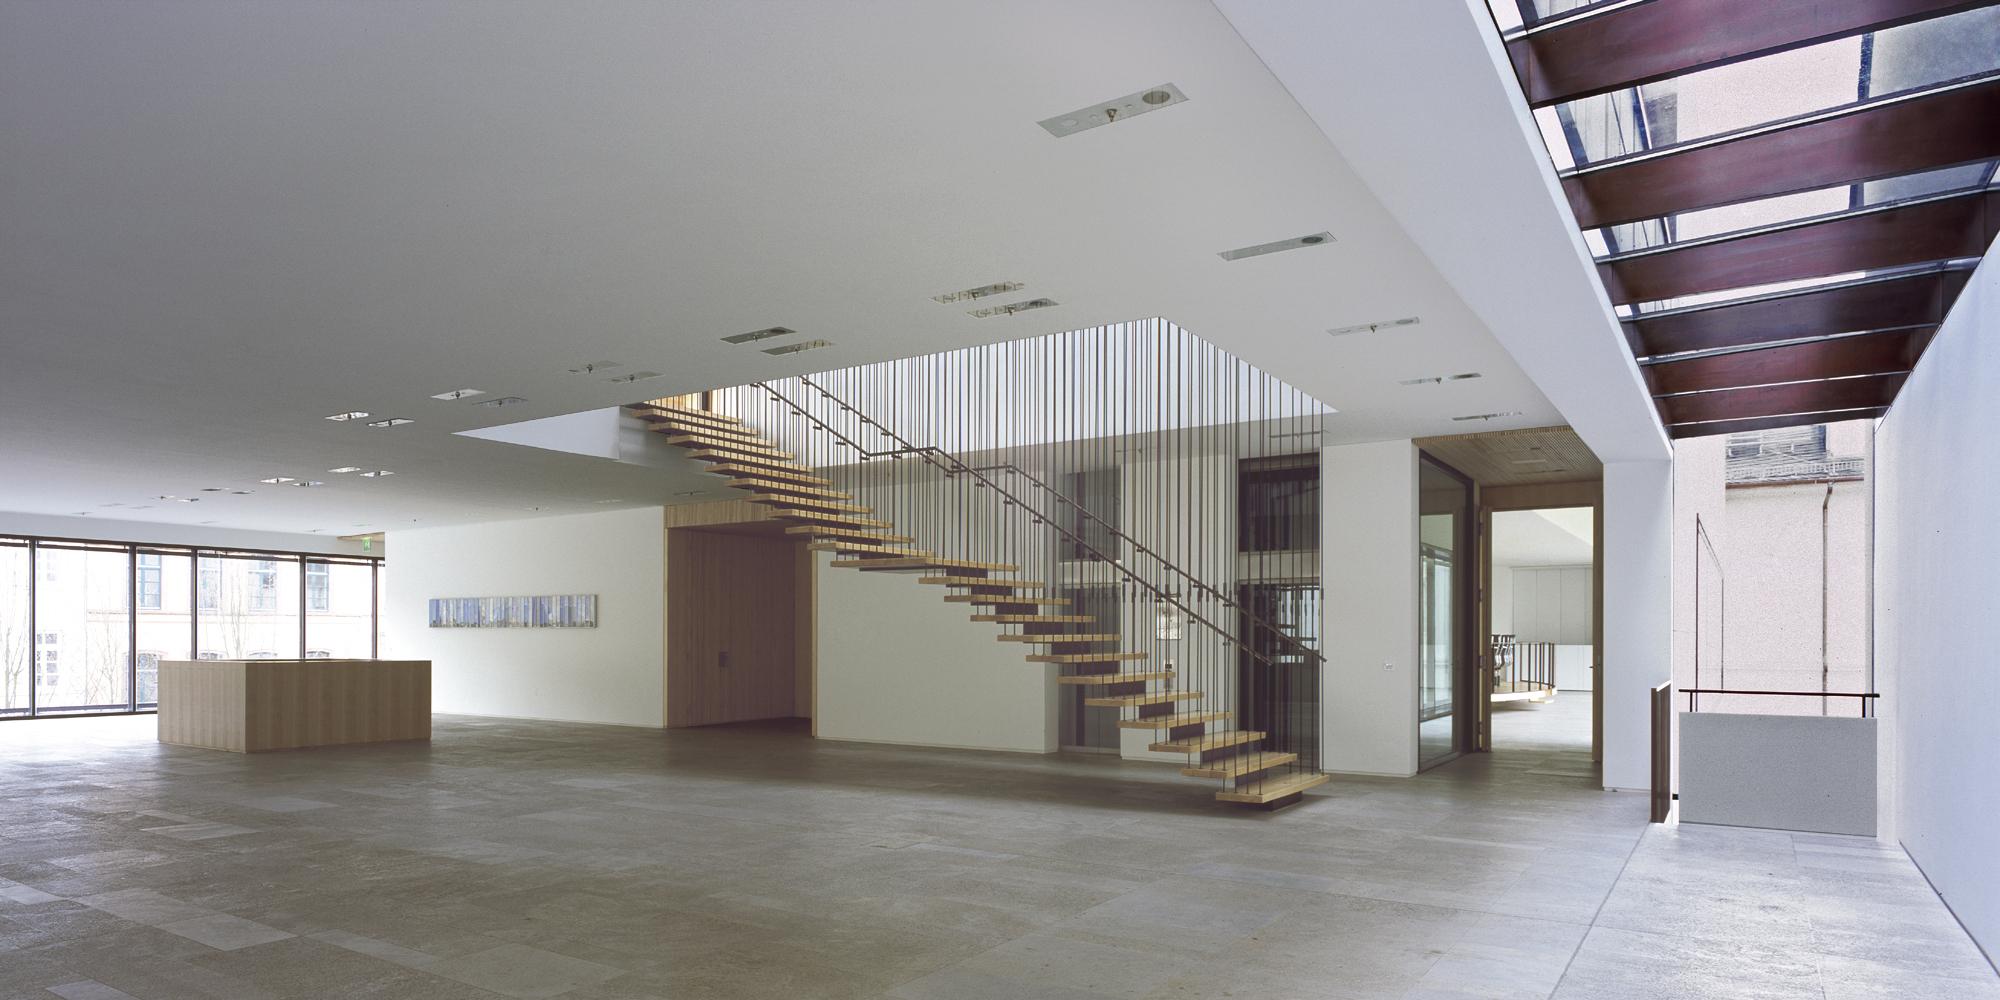 Plenarsaalgebäude Hessischer Landtag